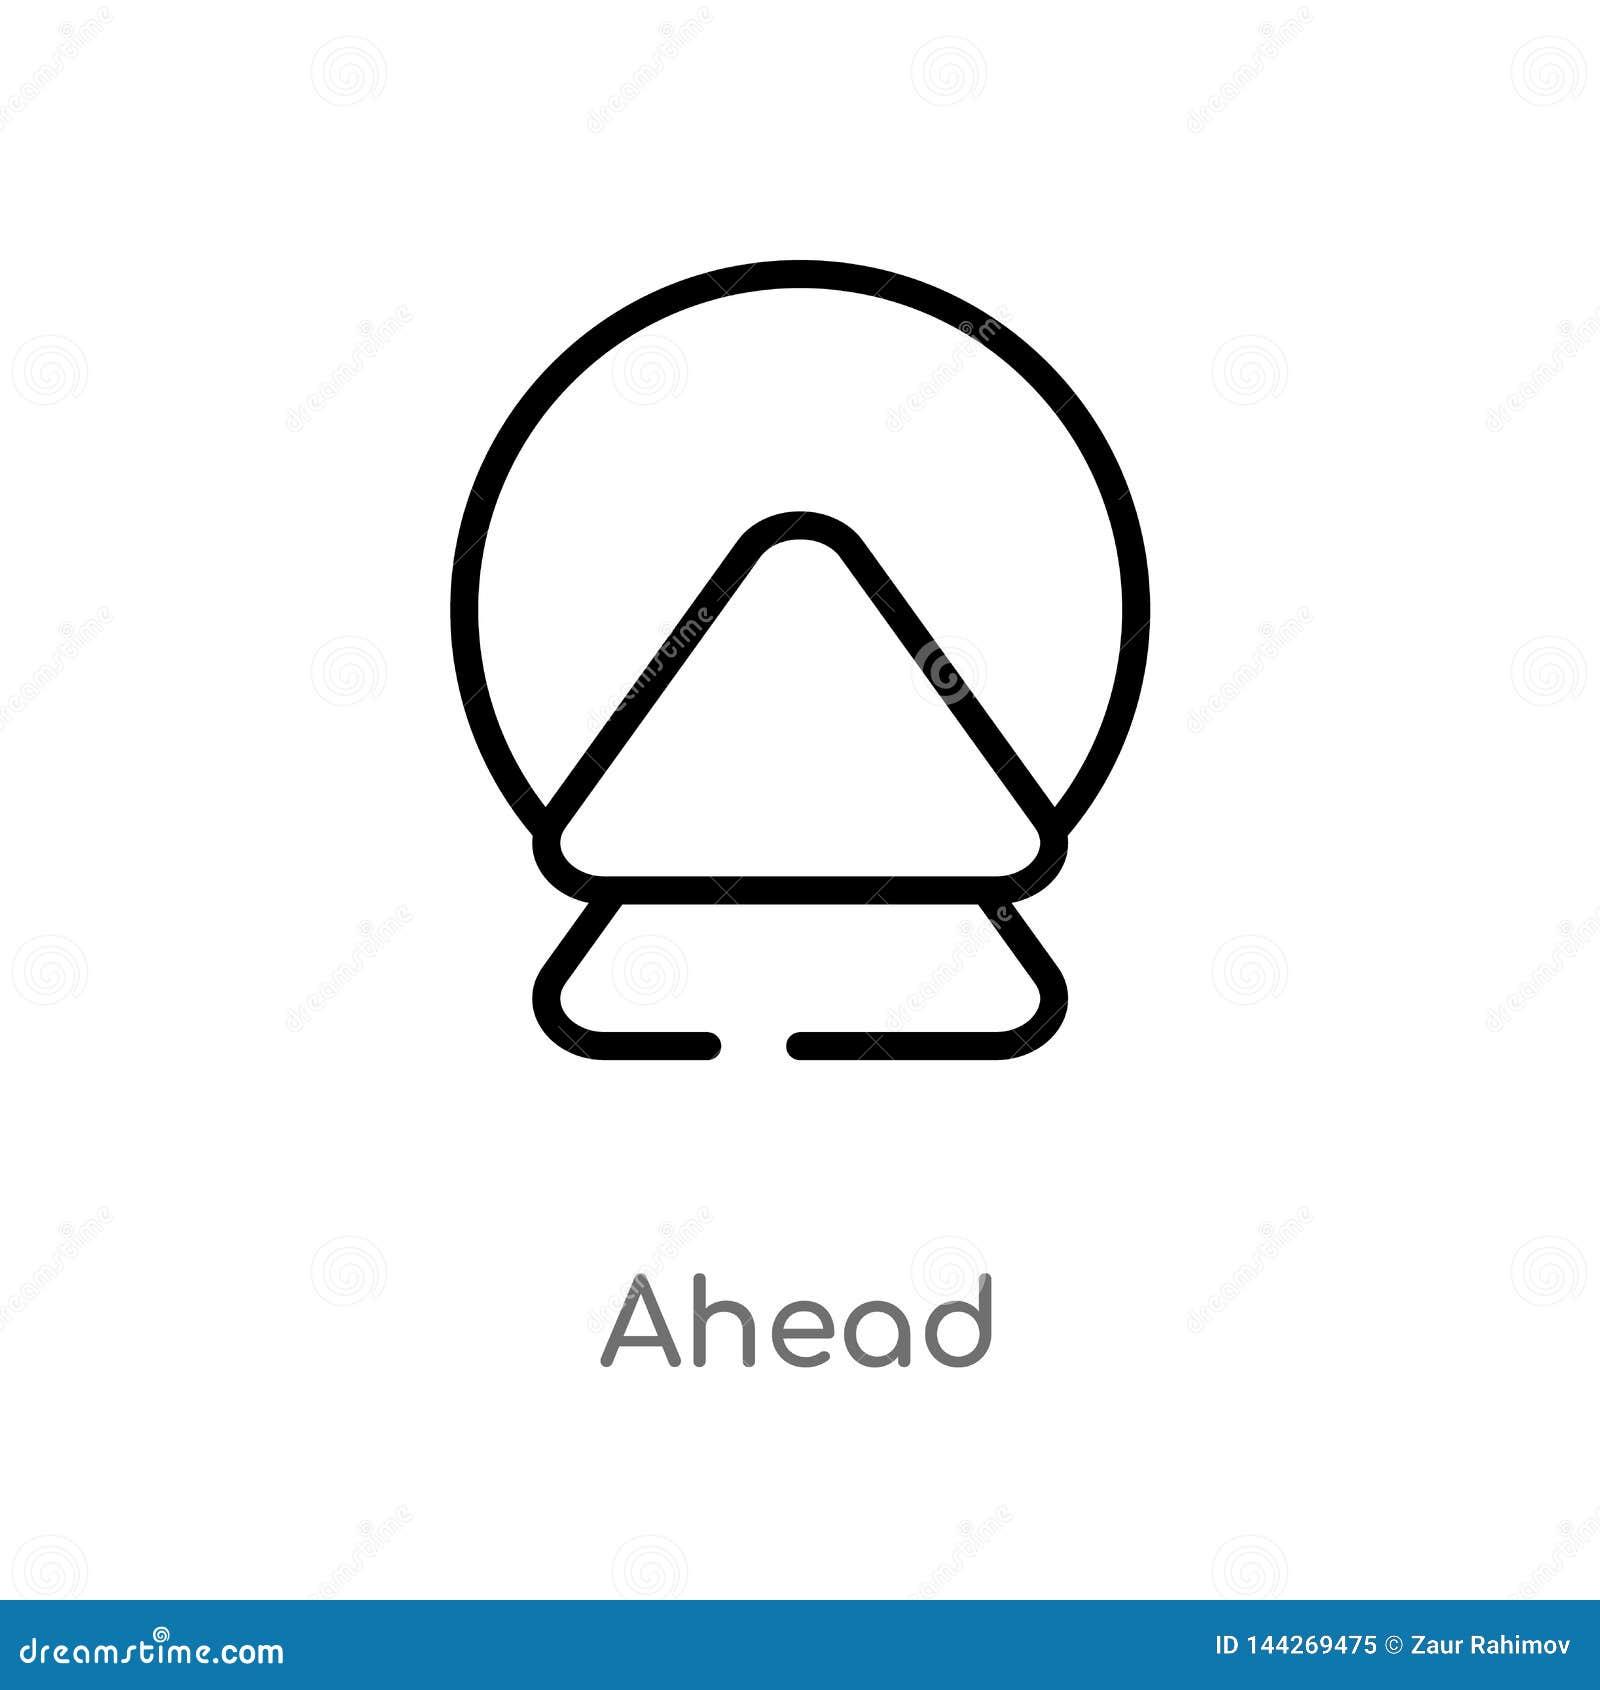 значок вектора плана вперед изолированная черная простая линия иллюстрация элемента от бдительной концепции editable значок хода